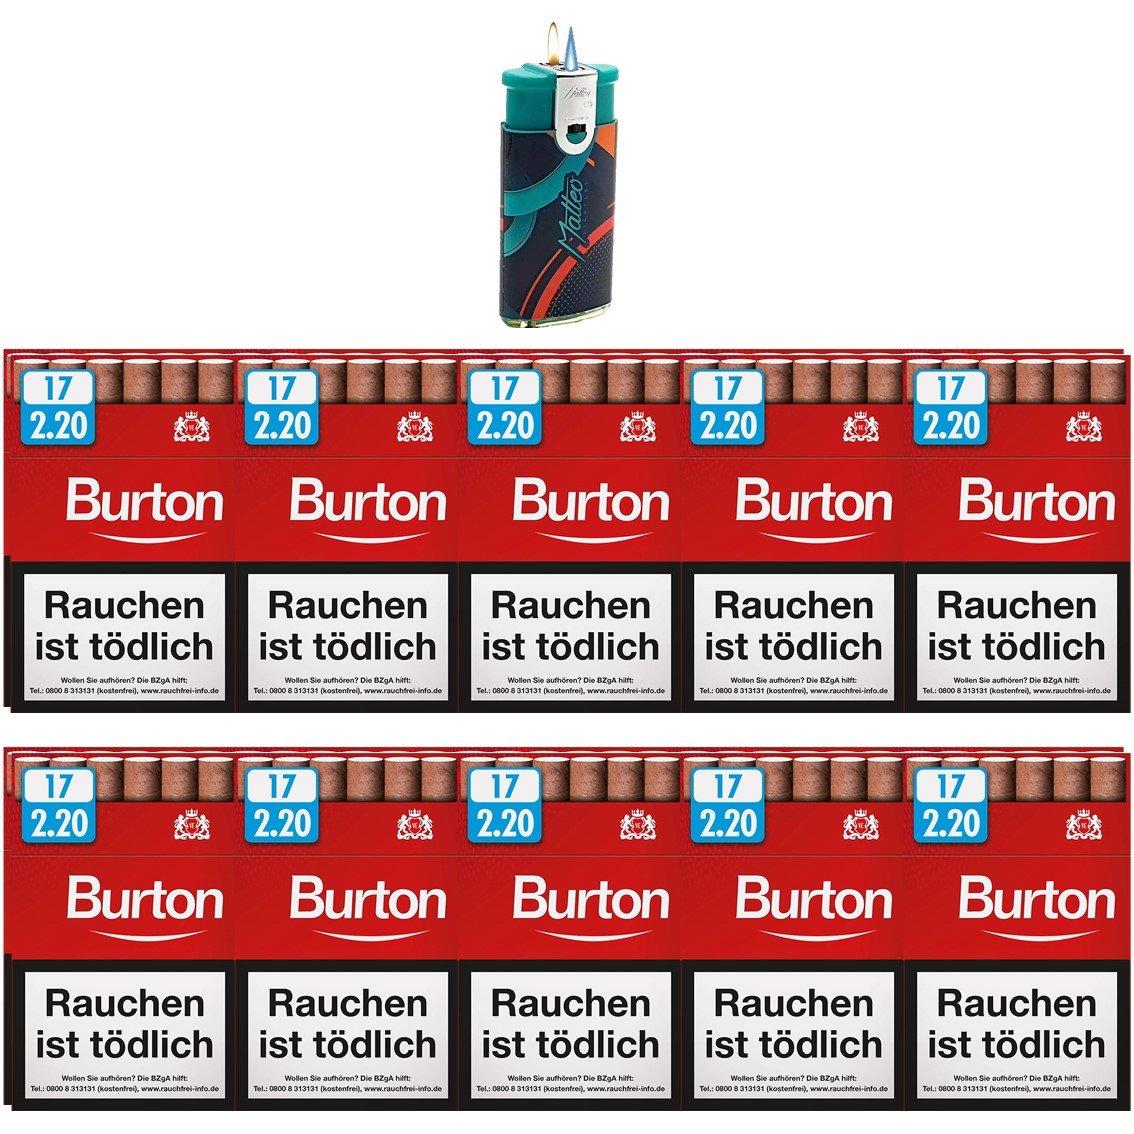 Burton Original Zigarillos mit Filter (2 Stangen) 20 x 17 Stück